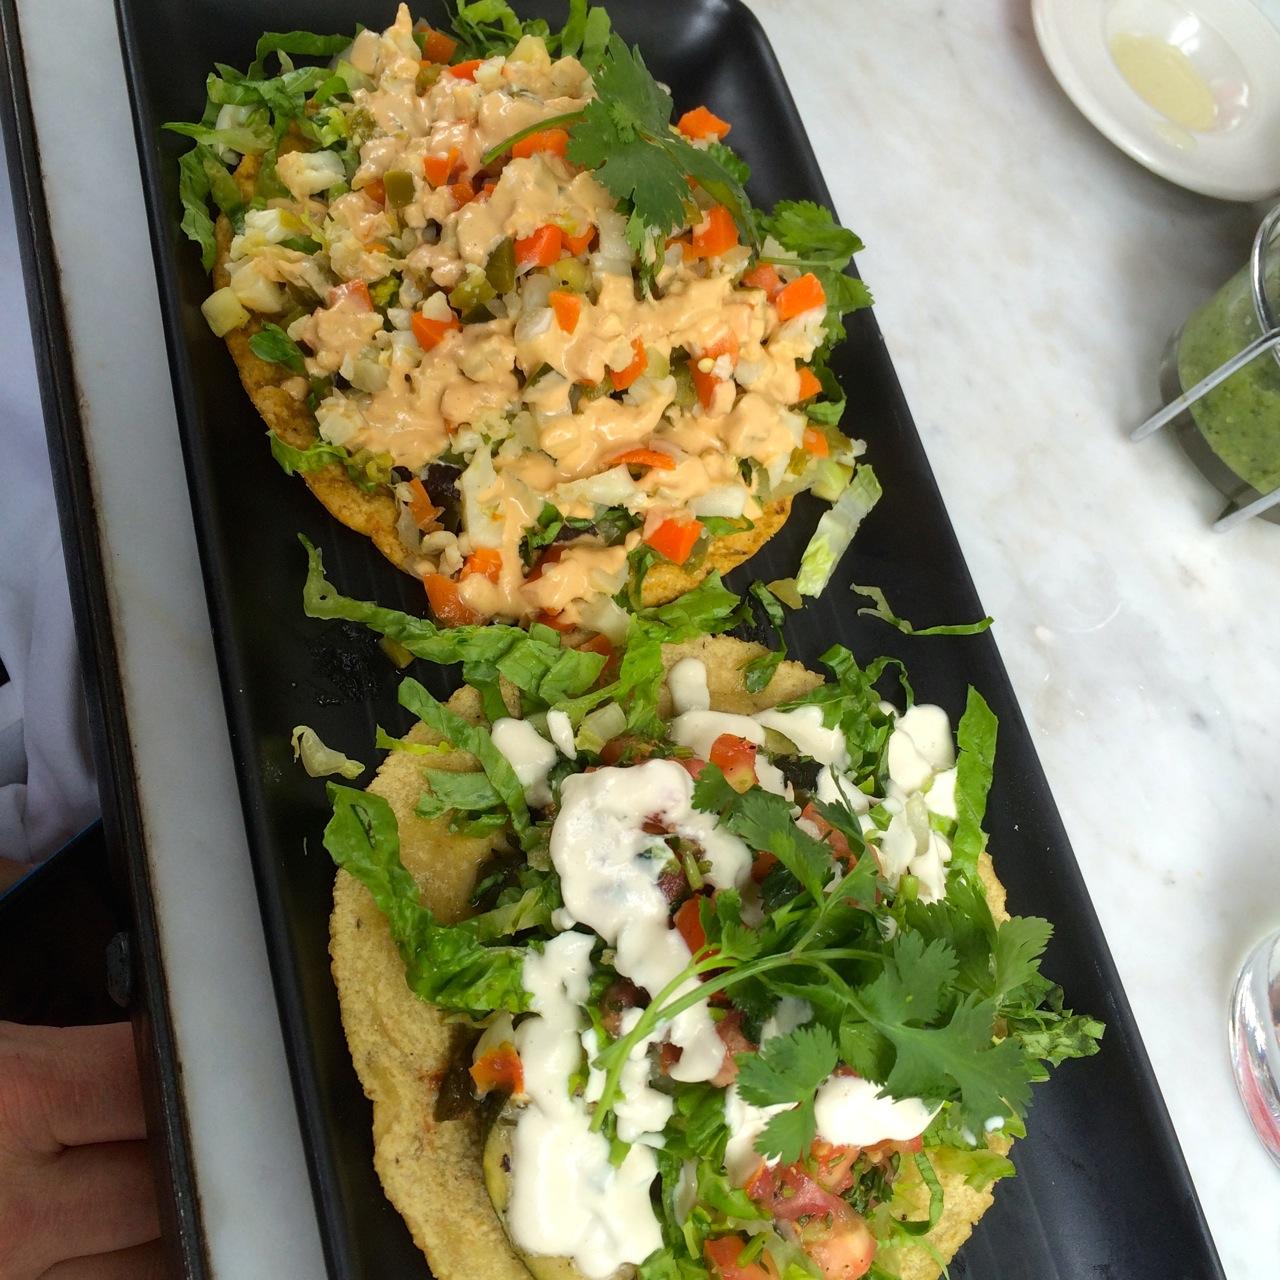 https://i1.wp.com/fatgayvegan.com/wp-content/uploads/2015/06/tacos.jpg?fit=1280%2C1280